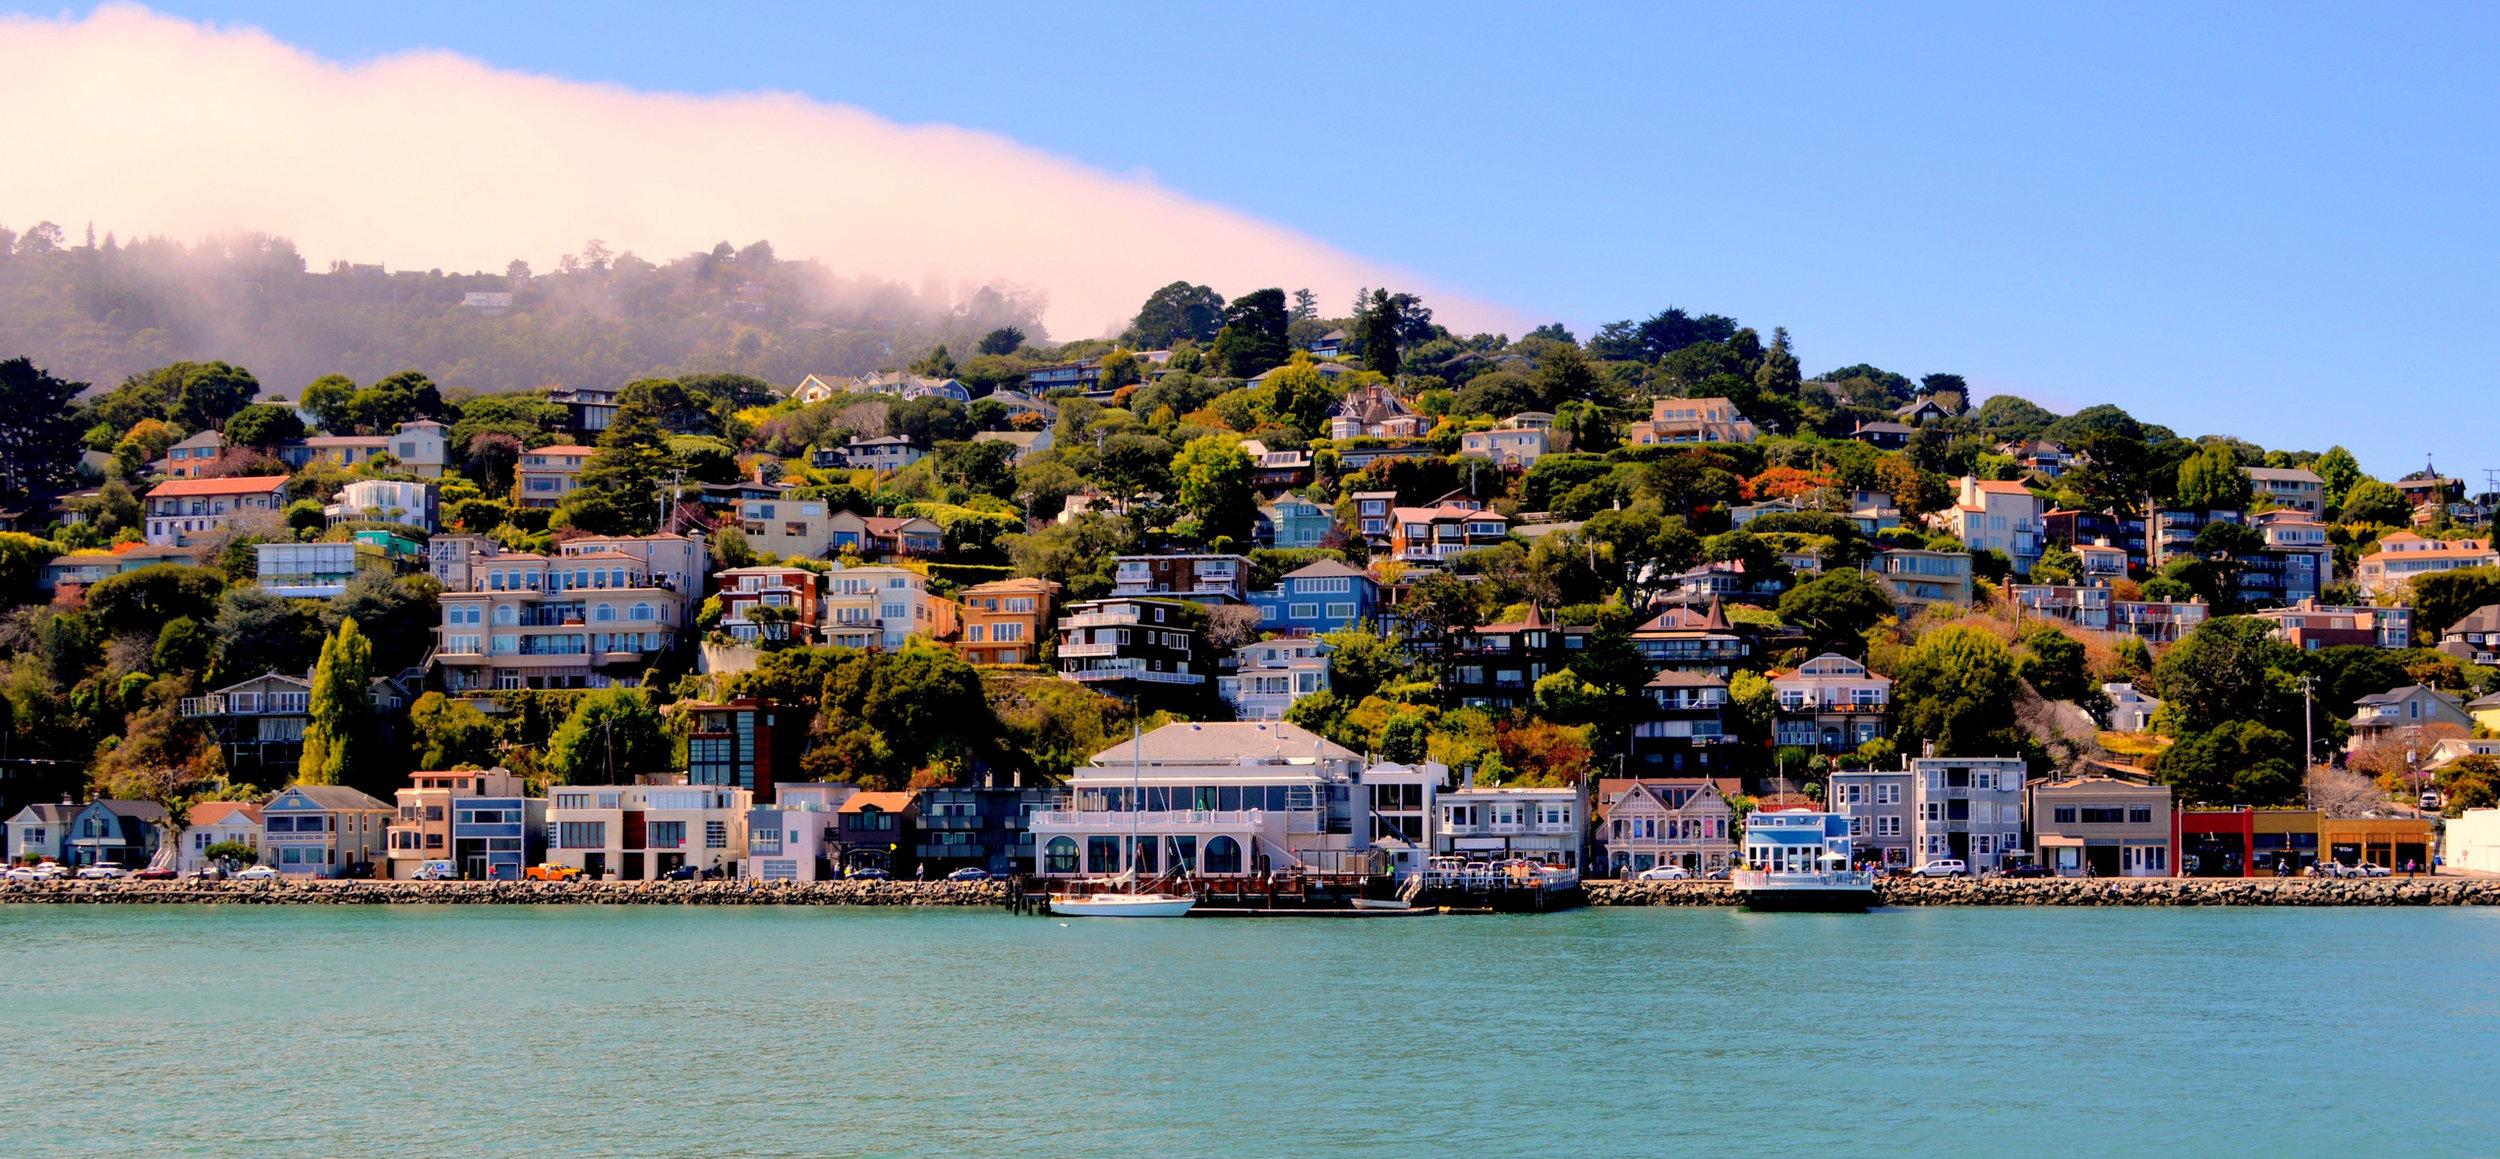 A little bit seaside Mediterranean, a little bit old-school San Francisco, with charm aplenty.